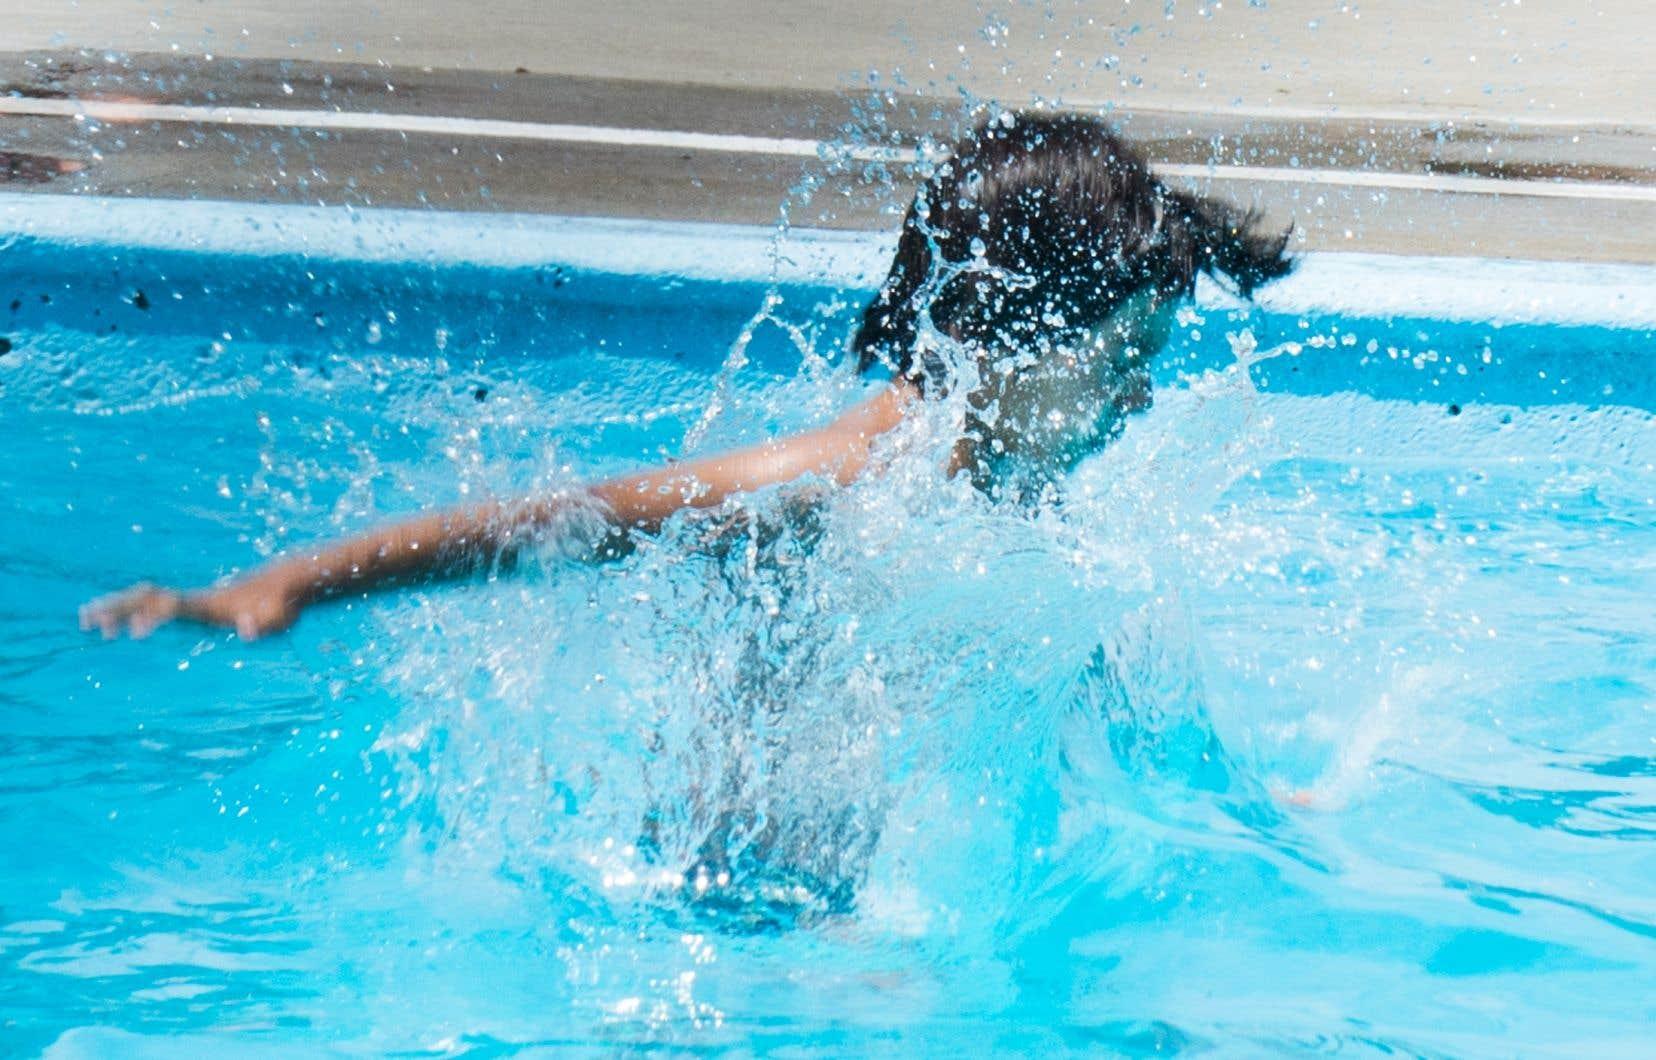 <p>Les parents ne doivent pastenir pour acquis que leur enfant est à l'abri de tout accident aquatique parce qu'il a déjà suivi des cours de natation.</p>